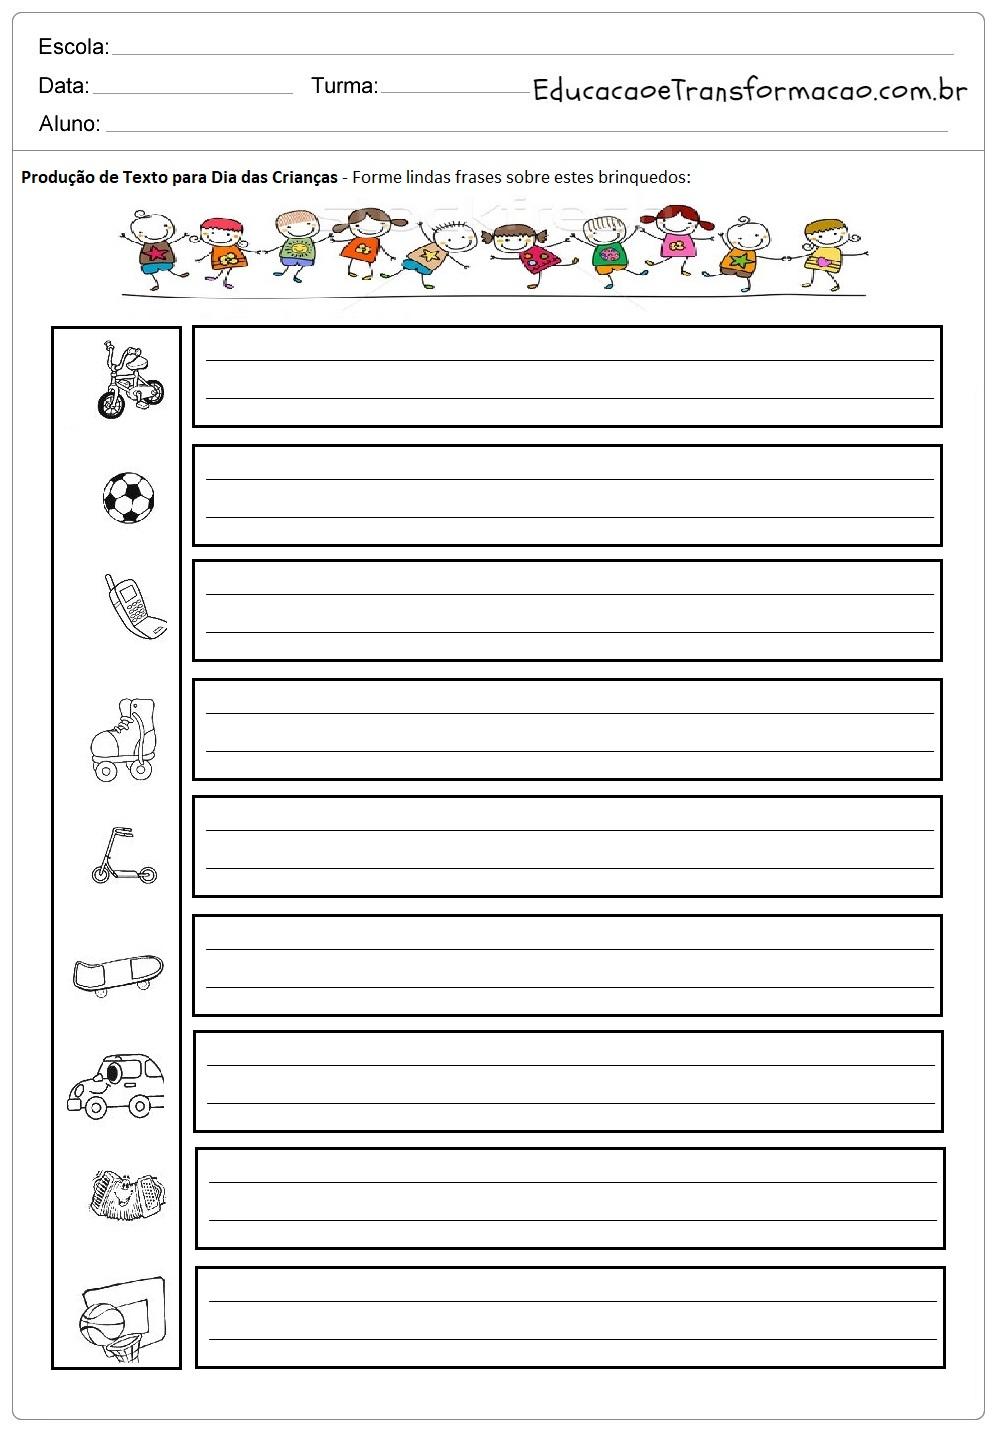 Atividades de Produção de Texto Dia das Crianças - Para Imprimir.